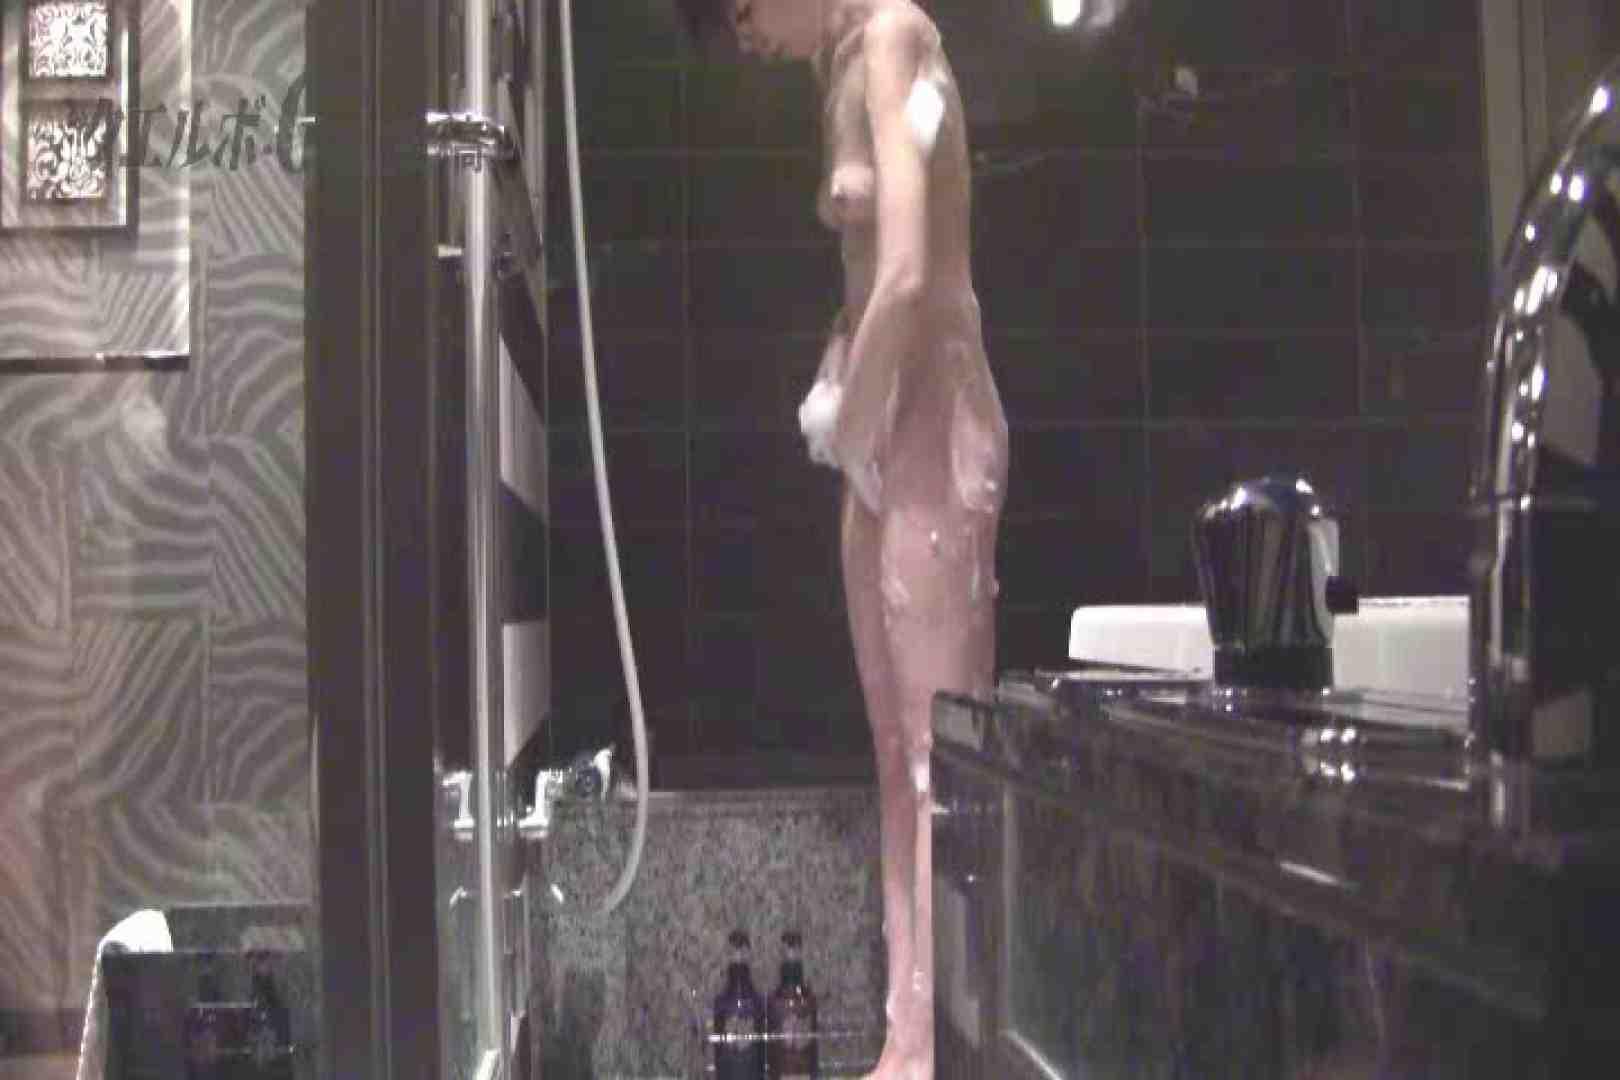 クエルボ・Gさん投稿 24歳OLさんとの×××vol.2 素人のぞき オマンコ無修正動画無料 95pic 51